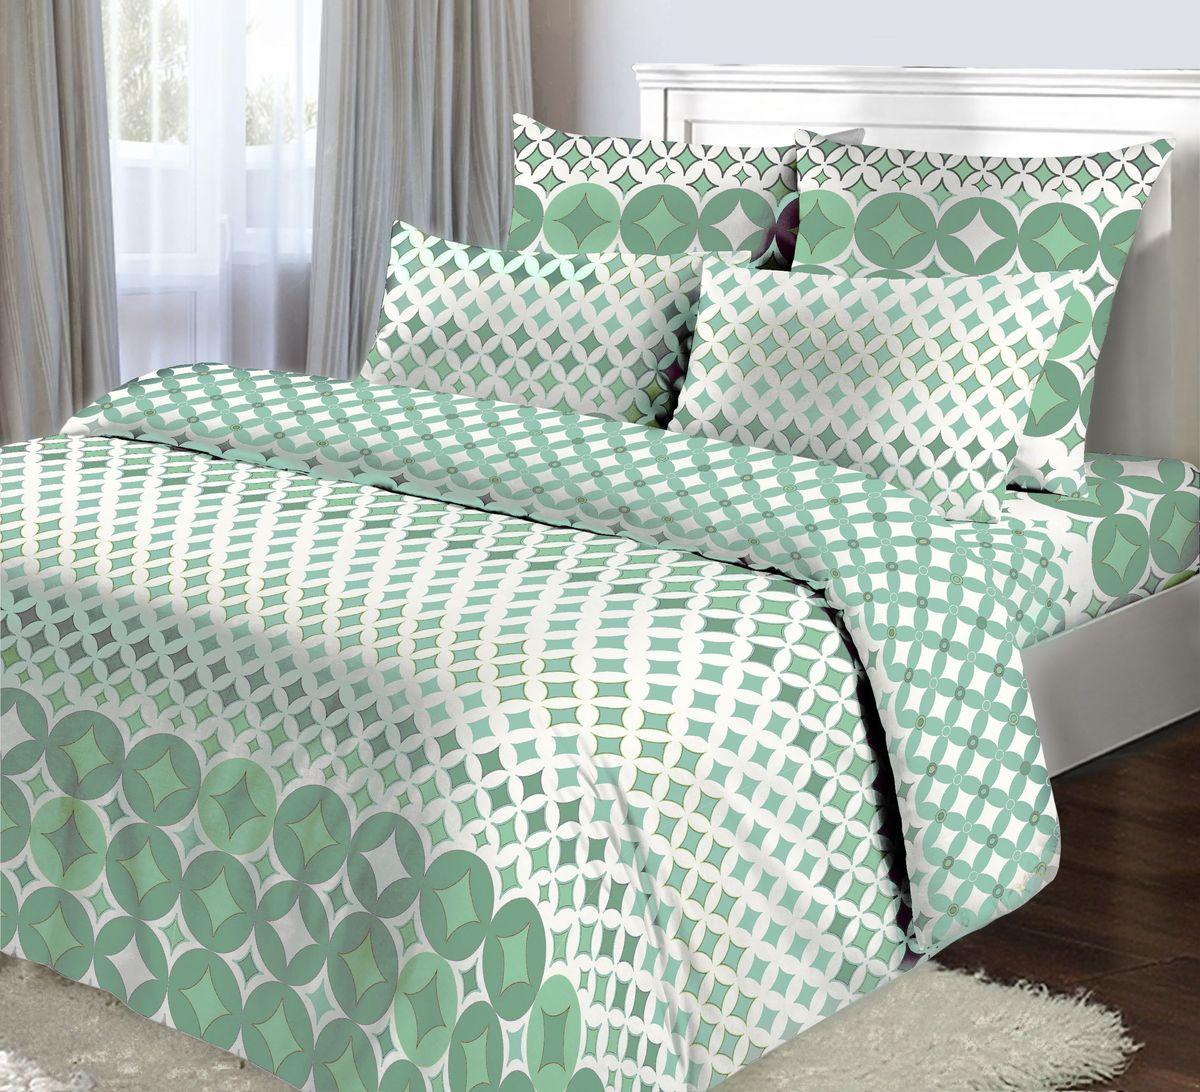 Комплект белья Коллекция Мята, 2,5-спальный, наволочки 50x70 см85262Комплект постельного белья Коллекция Мята выполнен из бязи (100% натурального хлопка). Комплект состоит из пододеяльника, простыни и двух наволочек. Постельное белье оформлено ярким красочным рисунком.Хорошая, качественная бязь всегда ценилась любителями спокойного и комфортного сна. Гладкая структура делает ткань приятной на ощупь, мягкой и нежной, при этом она прочная и хорошо сохраняет форму. Благодаря такому комплекту постельного белья вы сможете создать атмосферу роскоши и романтики в вашей спальне.